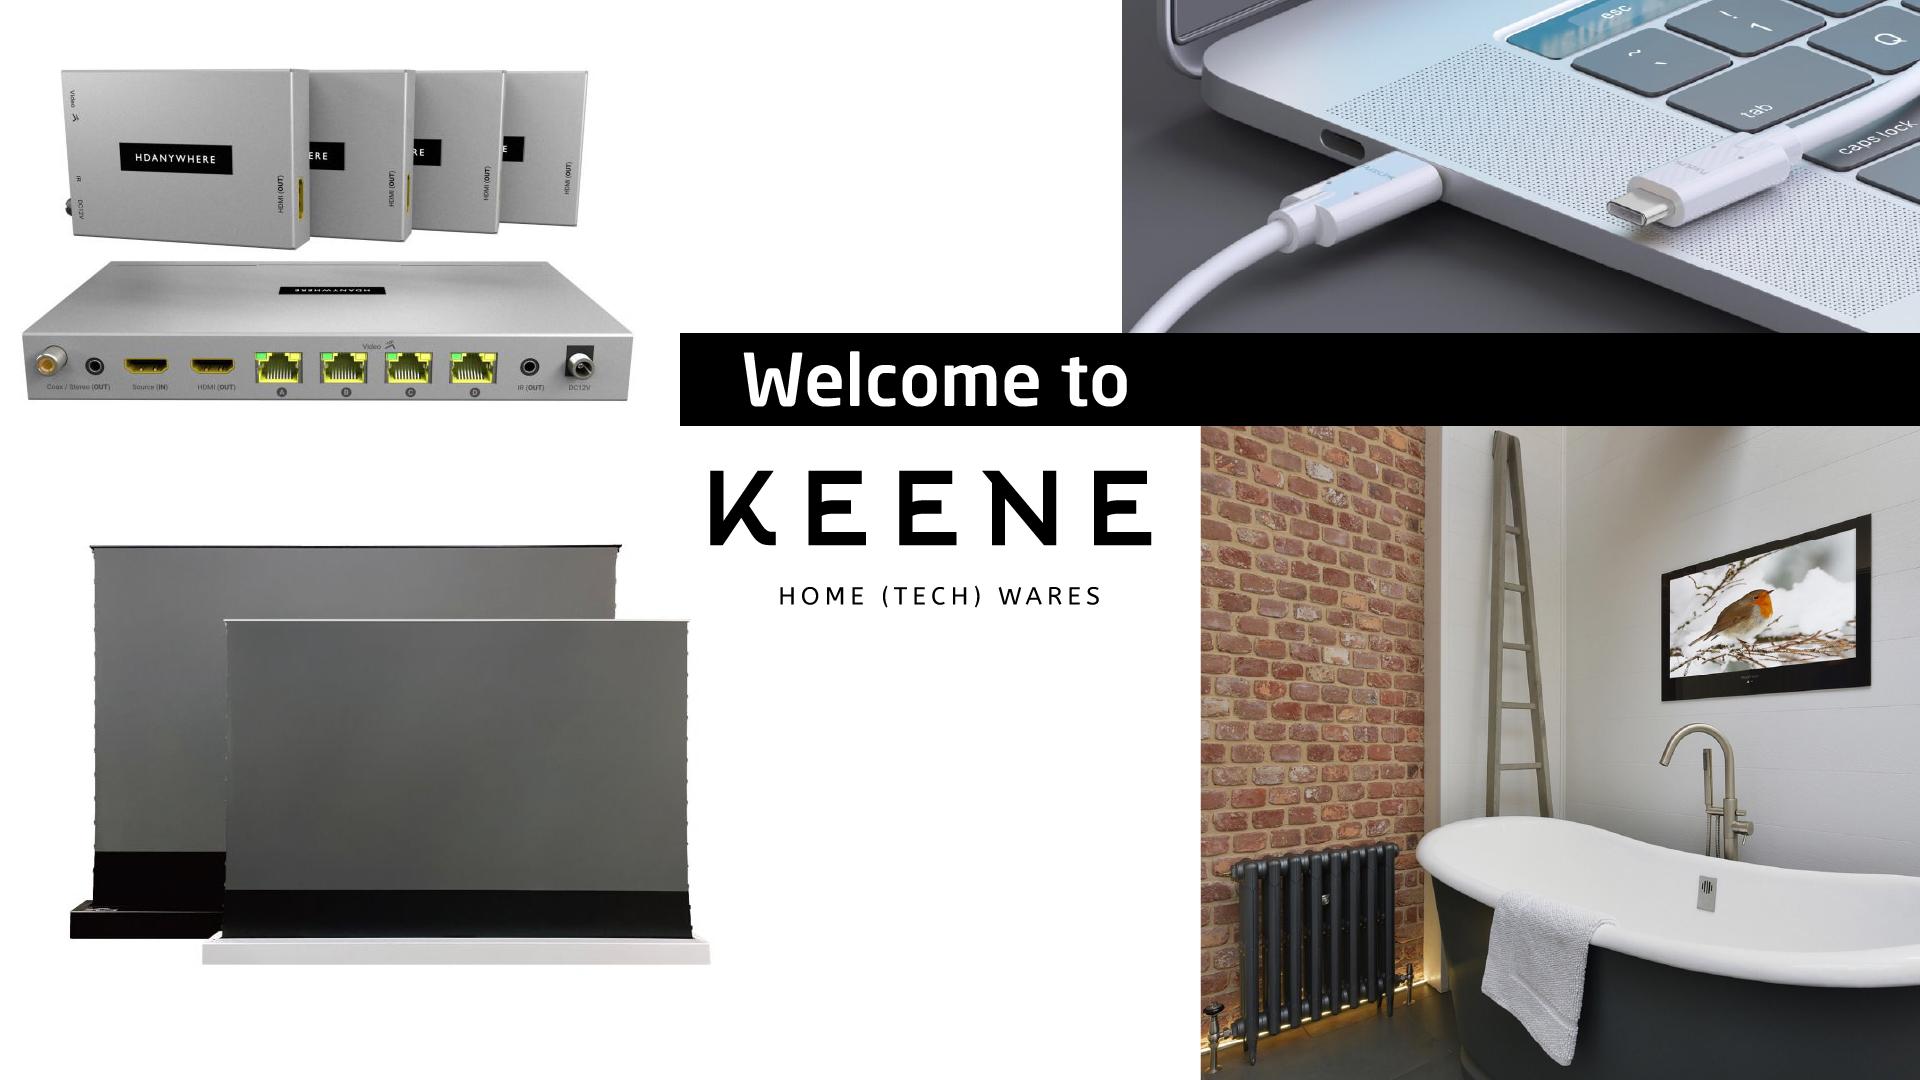 Welcome to KEENE